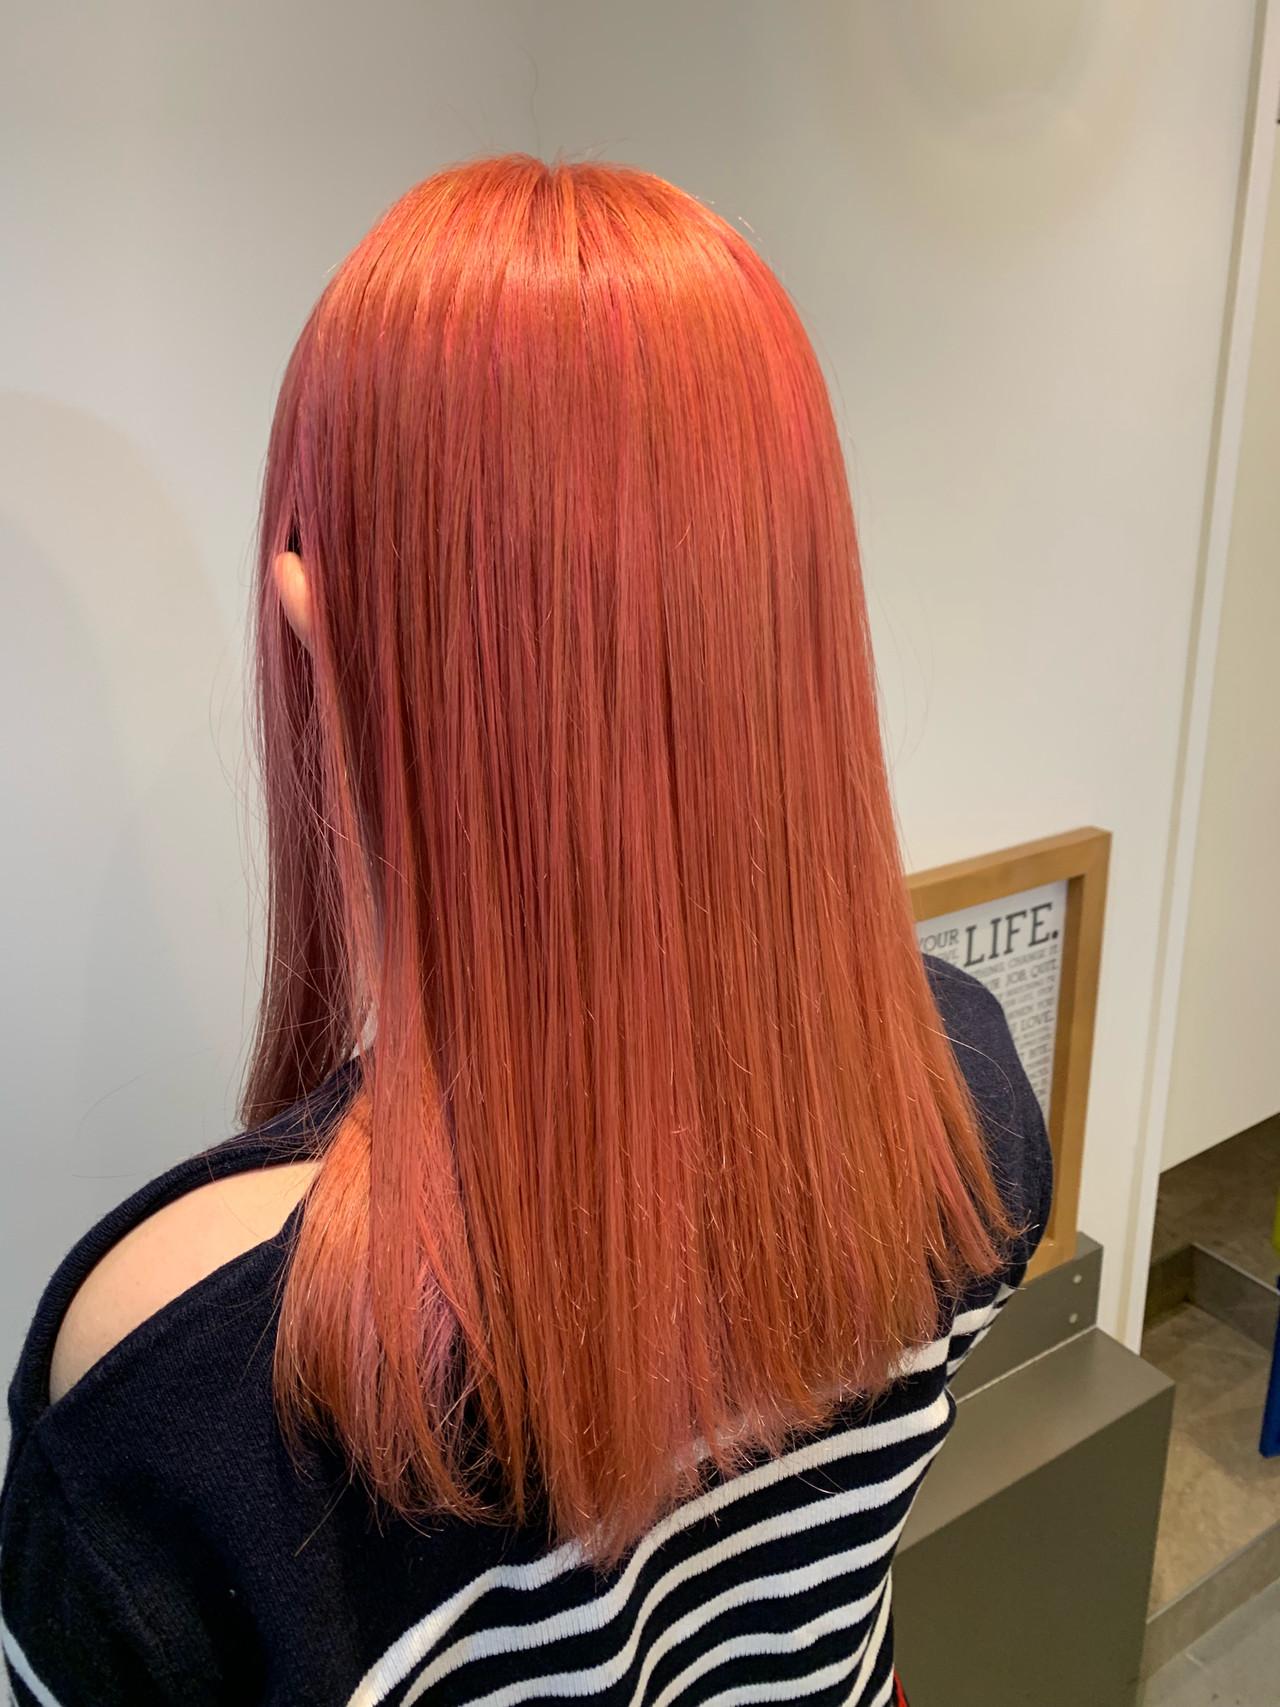 ブリーチカラー ロング デザインカラー ストレート ヘアスタイルや髪型の写真・画像 | Hatori Masaki / rela hair salon